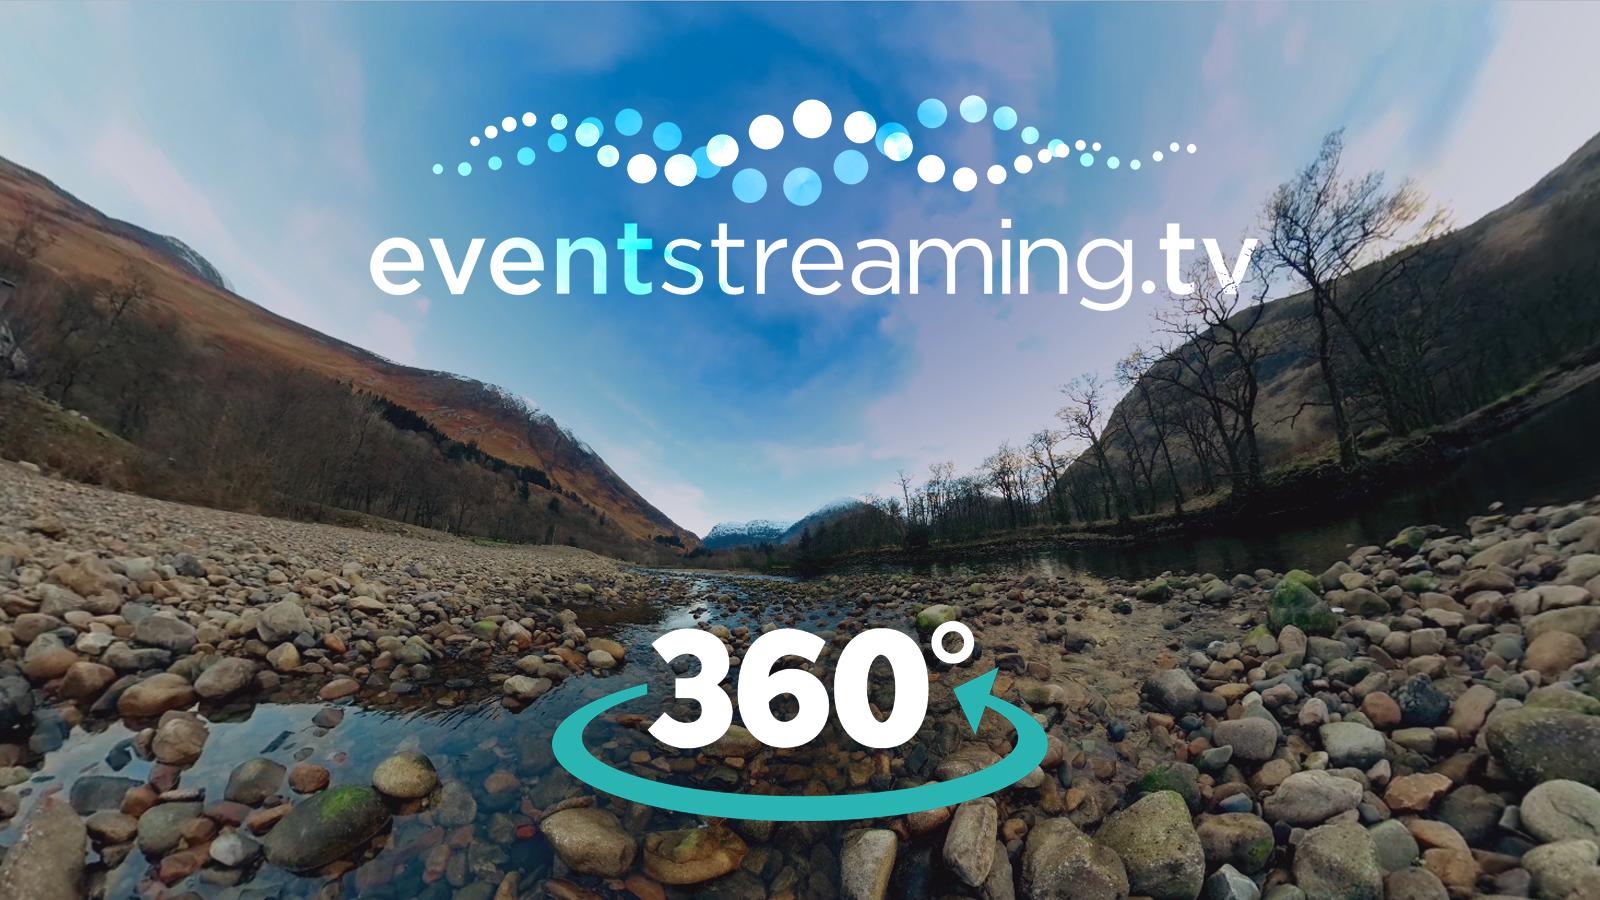 360 video company to stream 360 degree event webcast 360 live stream 360°